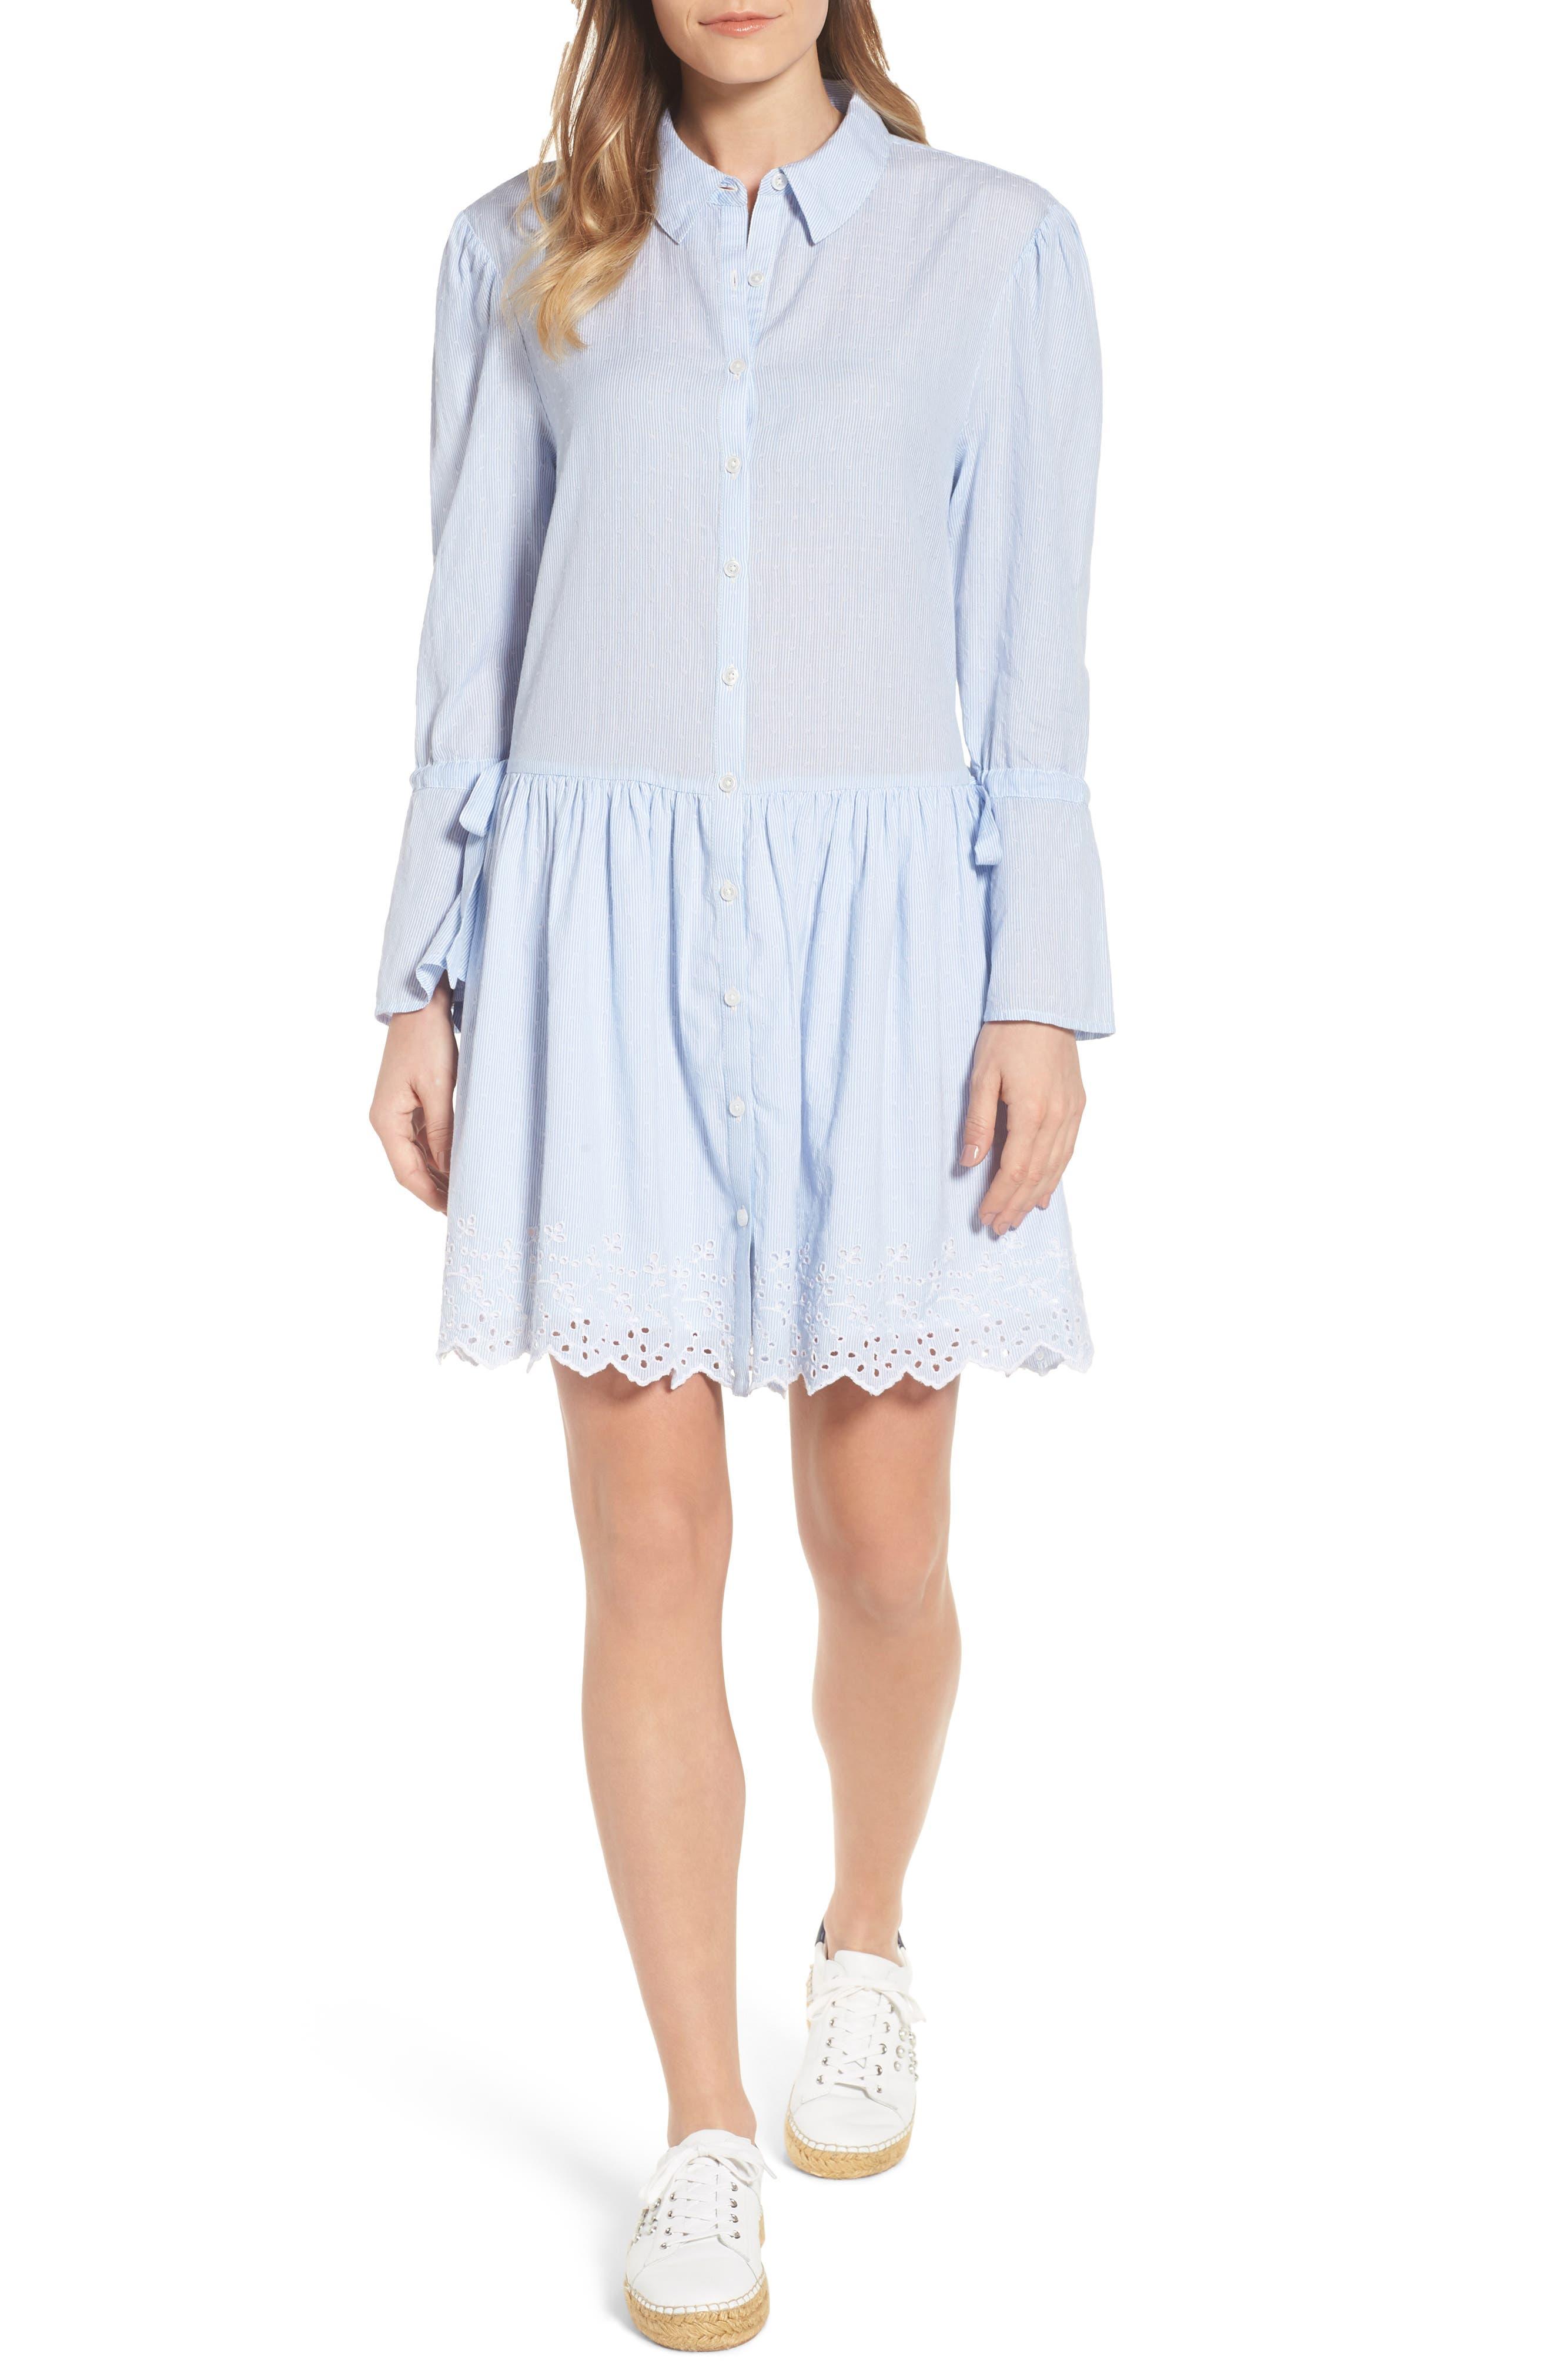 Alternate Image 1 Selected - Caslon® Pinstripe Eyelet Trim Cotton Shirtdress (Regular & Petite)